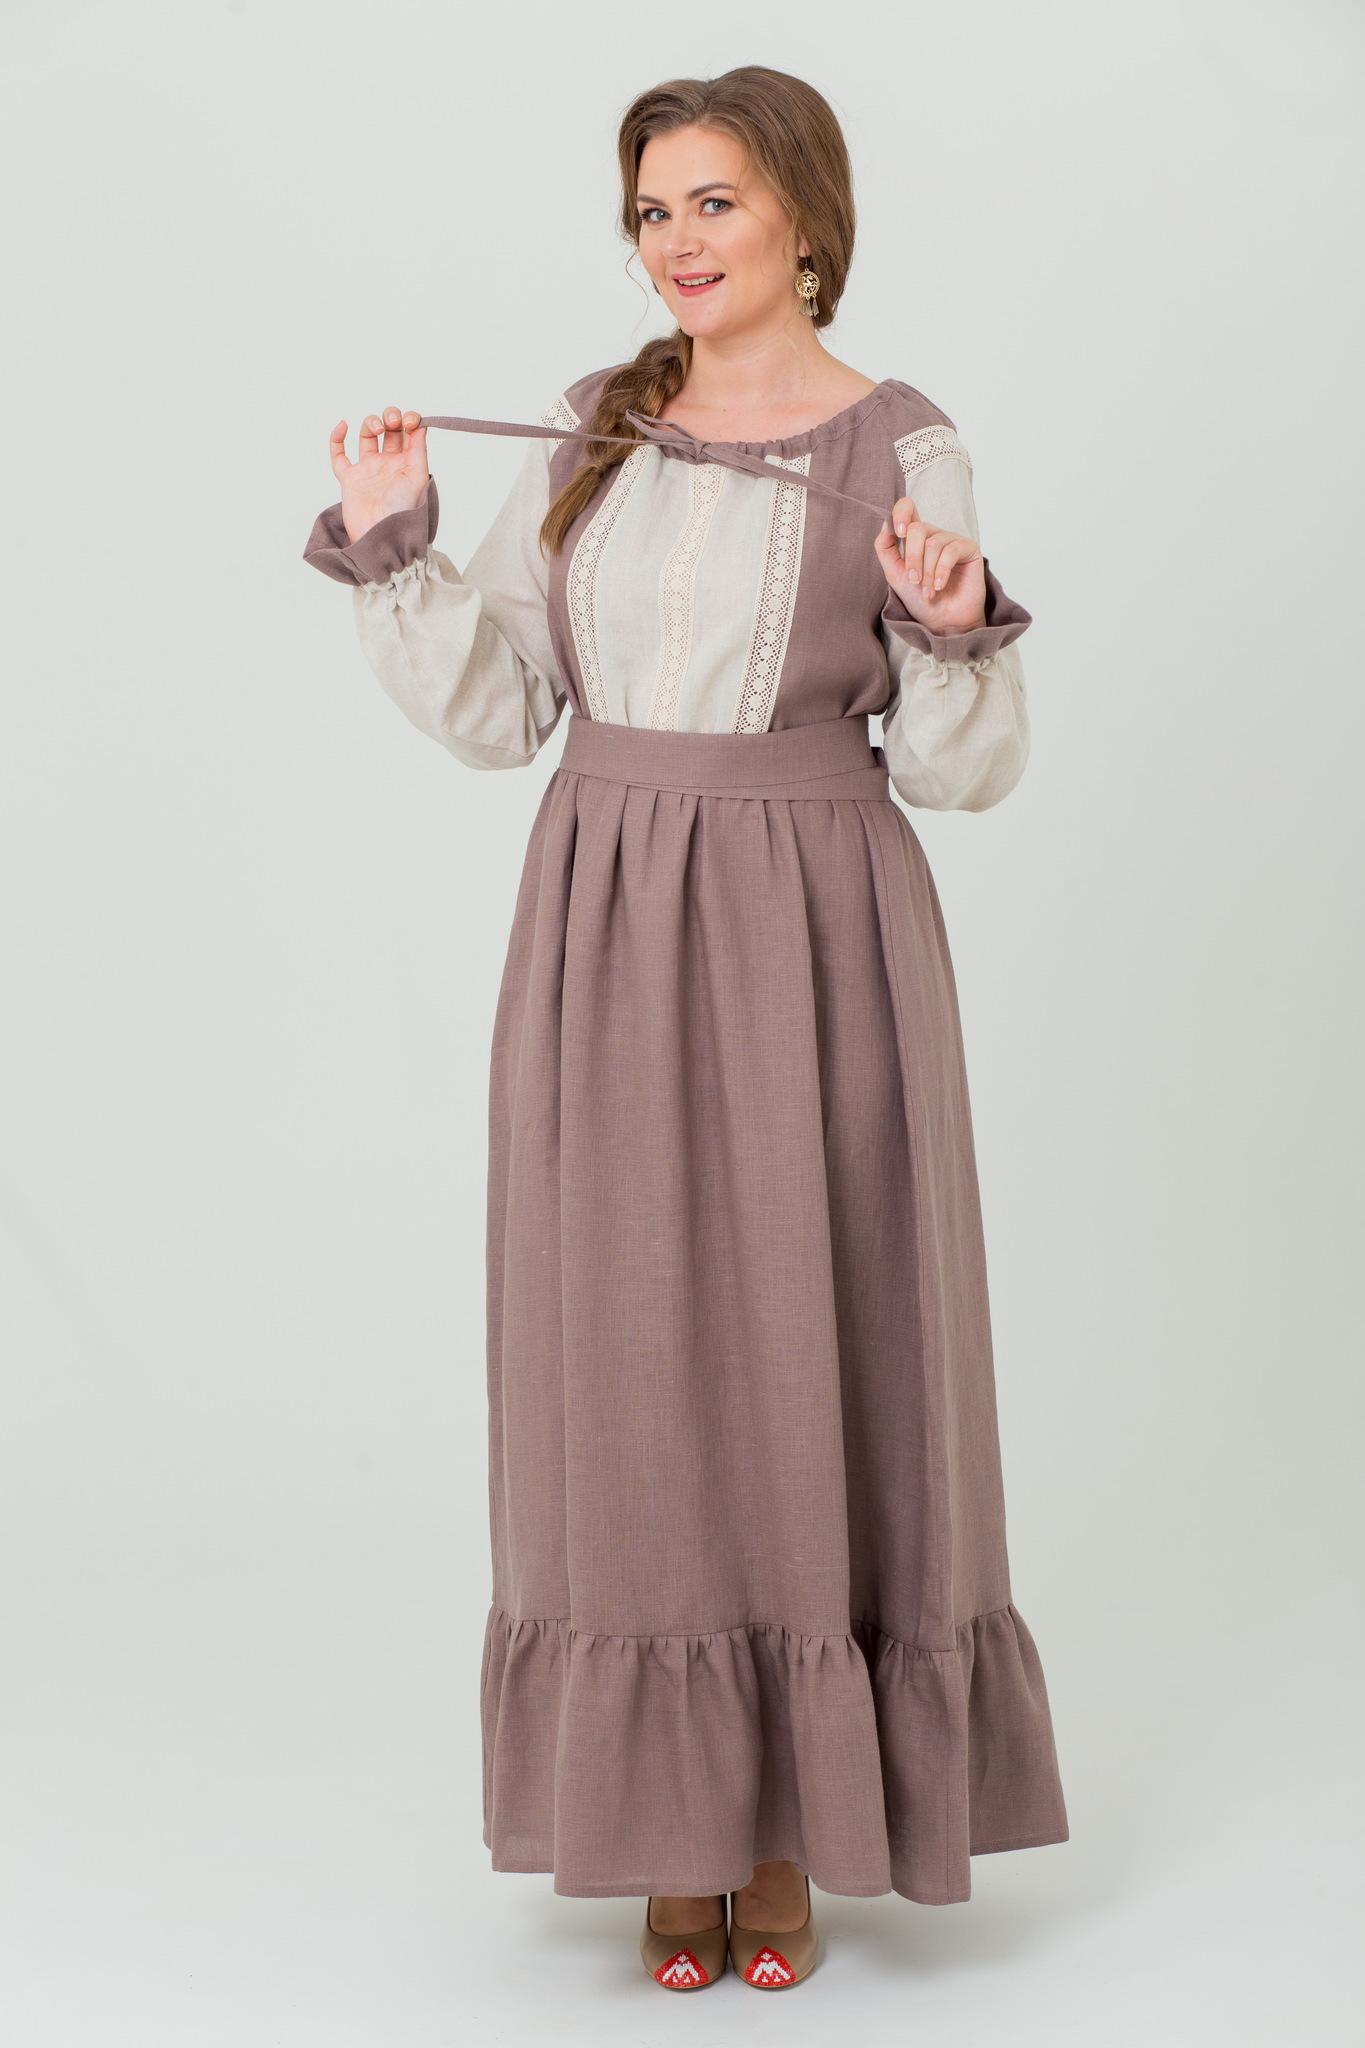 Славянское платье Тихий вечер в русском стиле